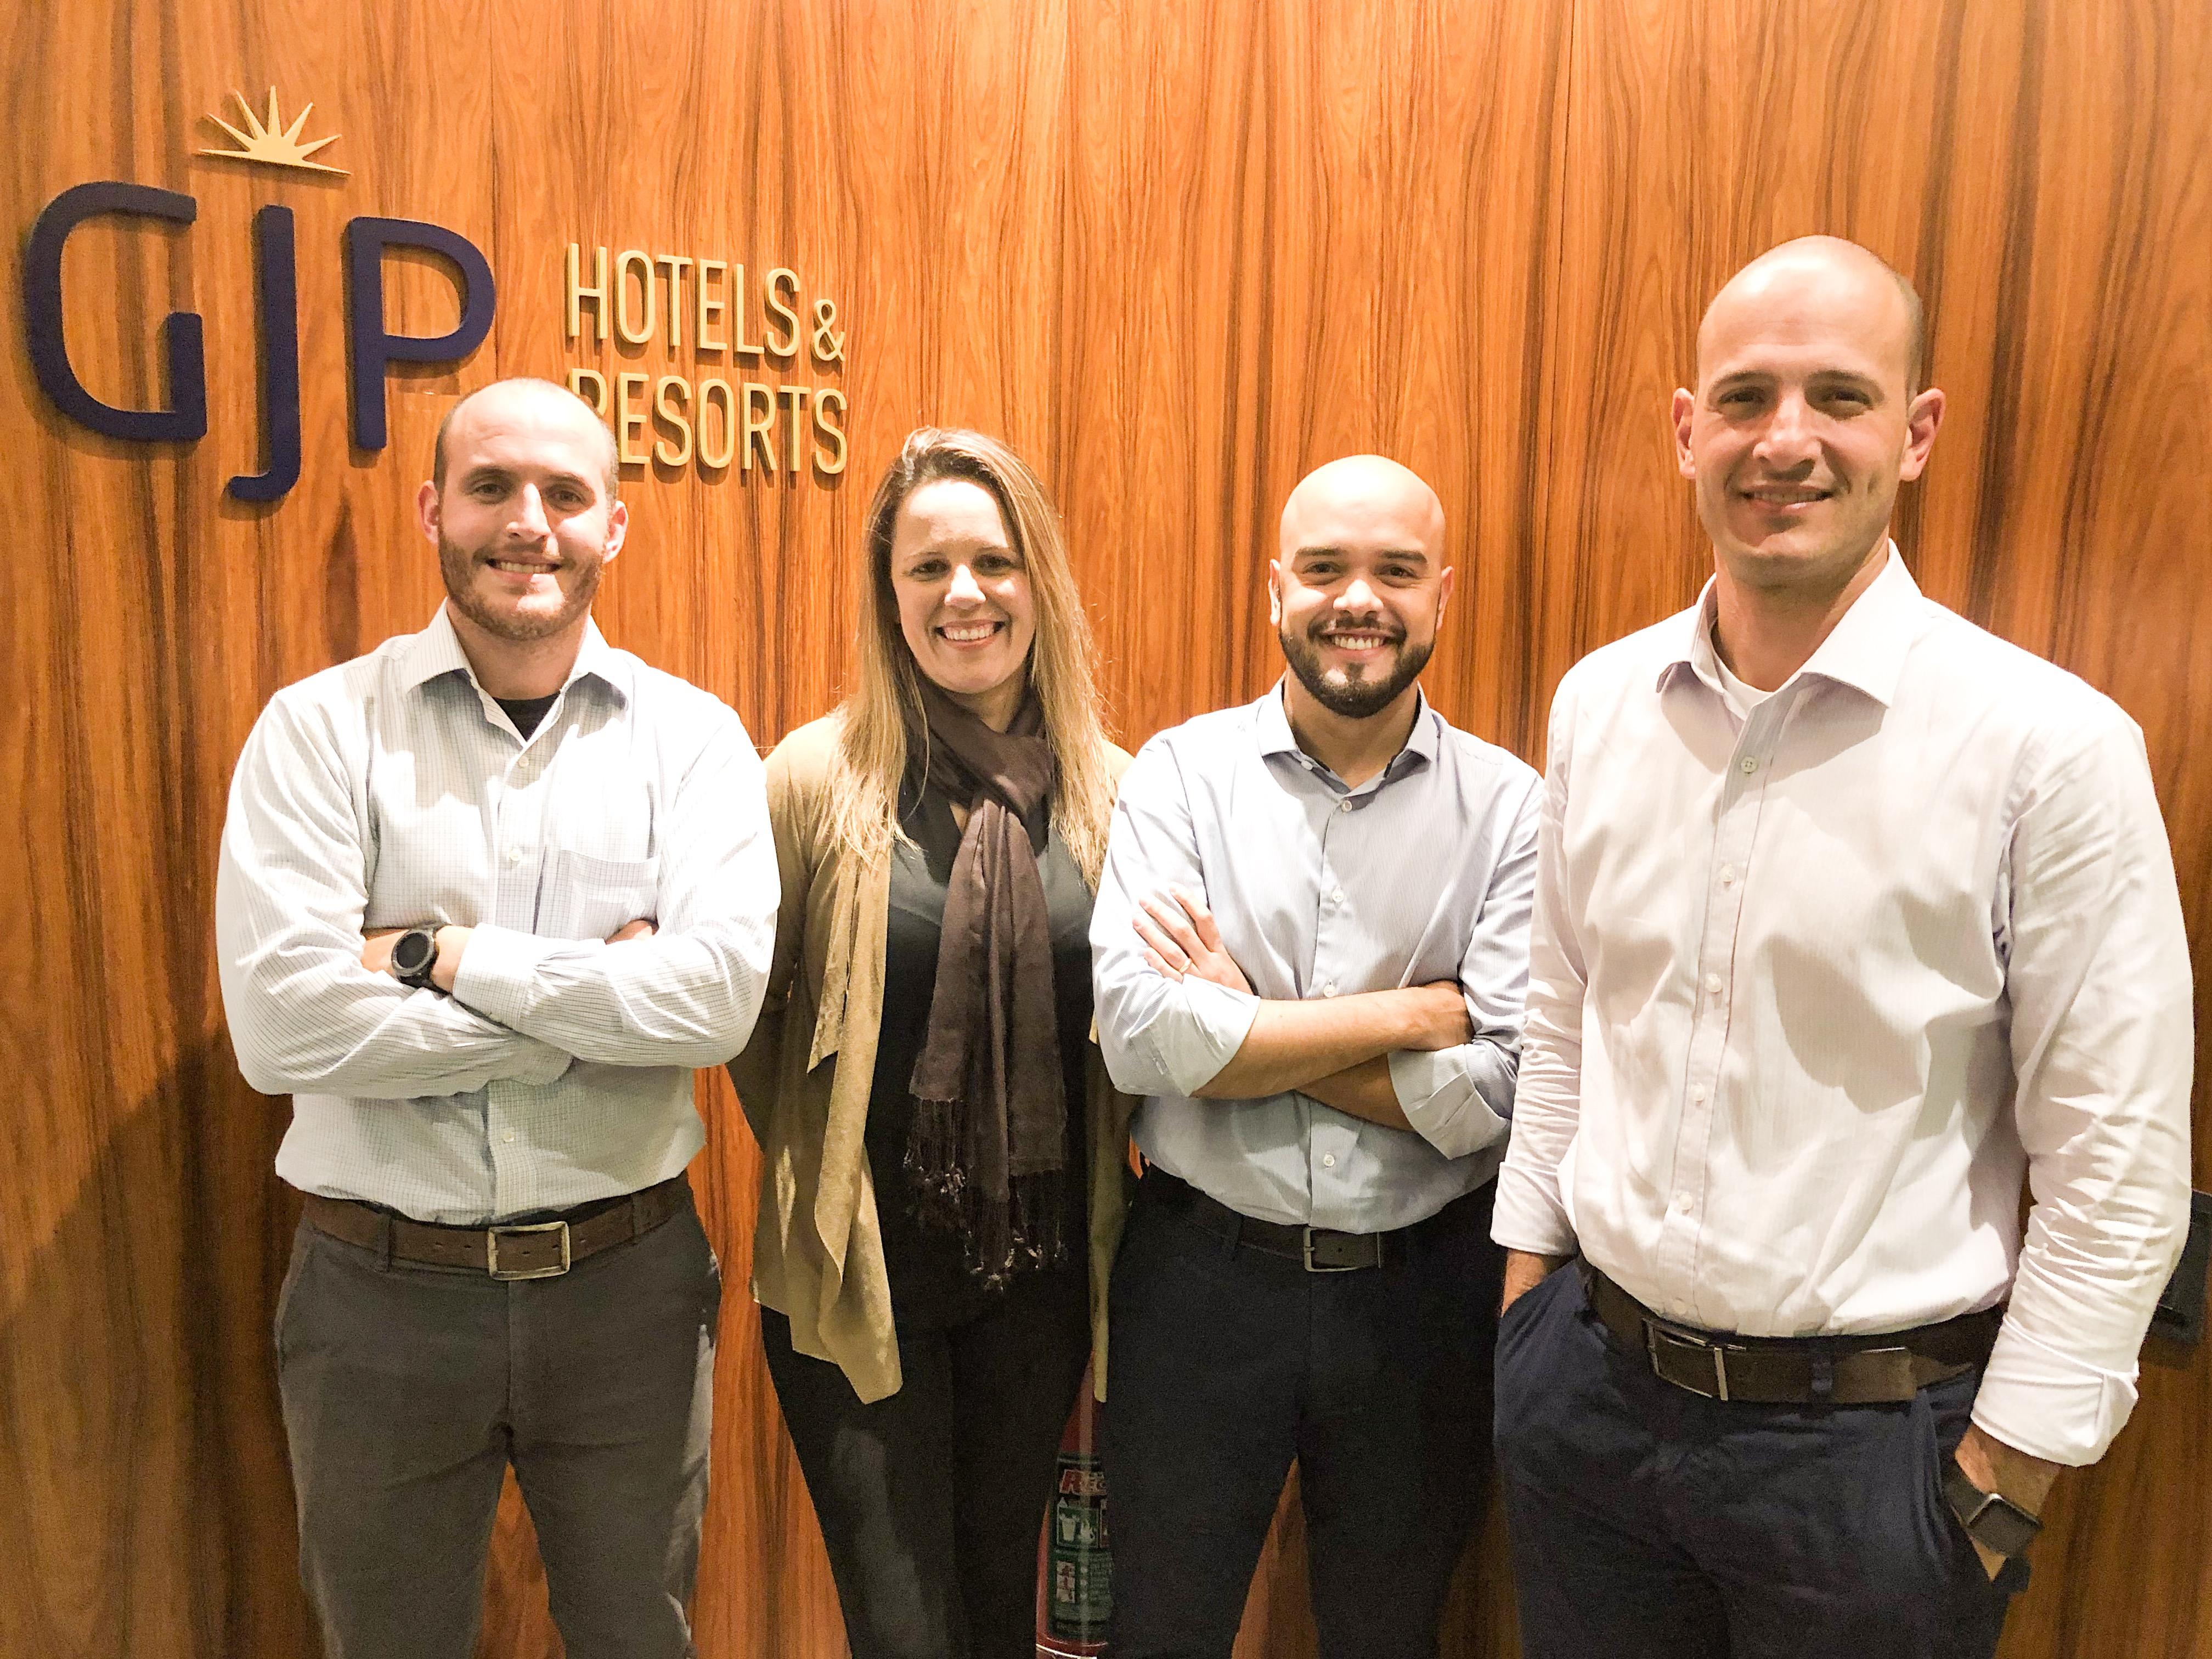 Rodrigo Napoli com sua equipe: Thiago Souza (corporativo), Fernanda Oliveira (MICE) e Marcos Pessuto (Lazer)